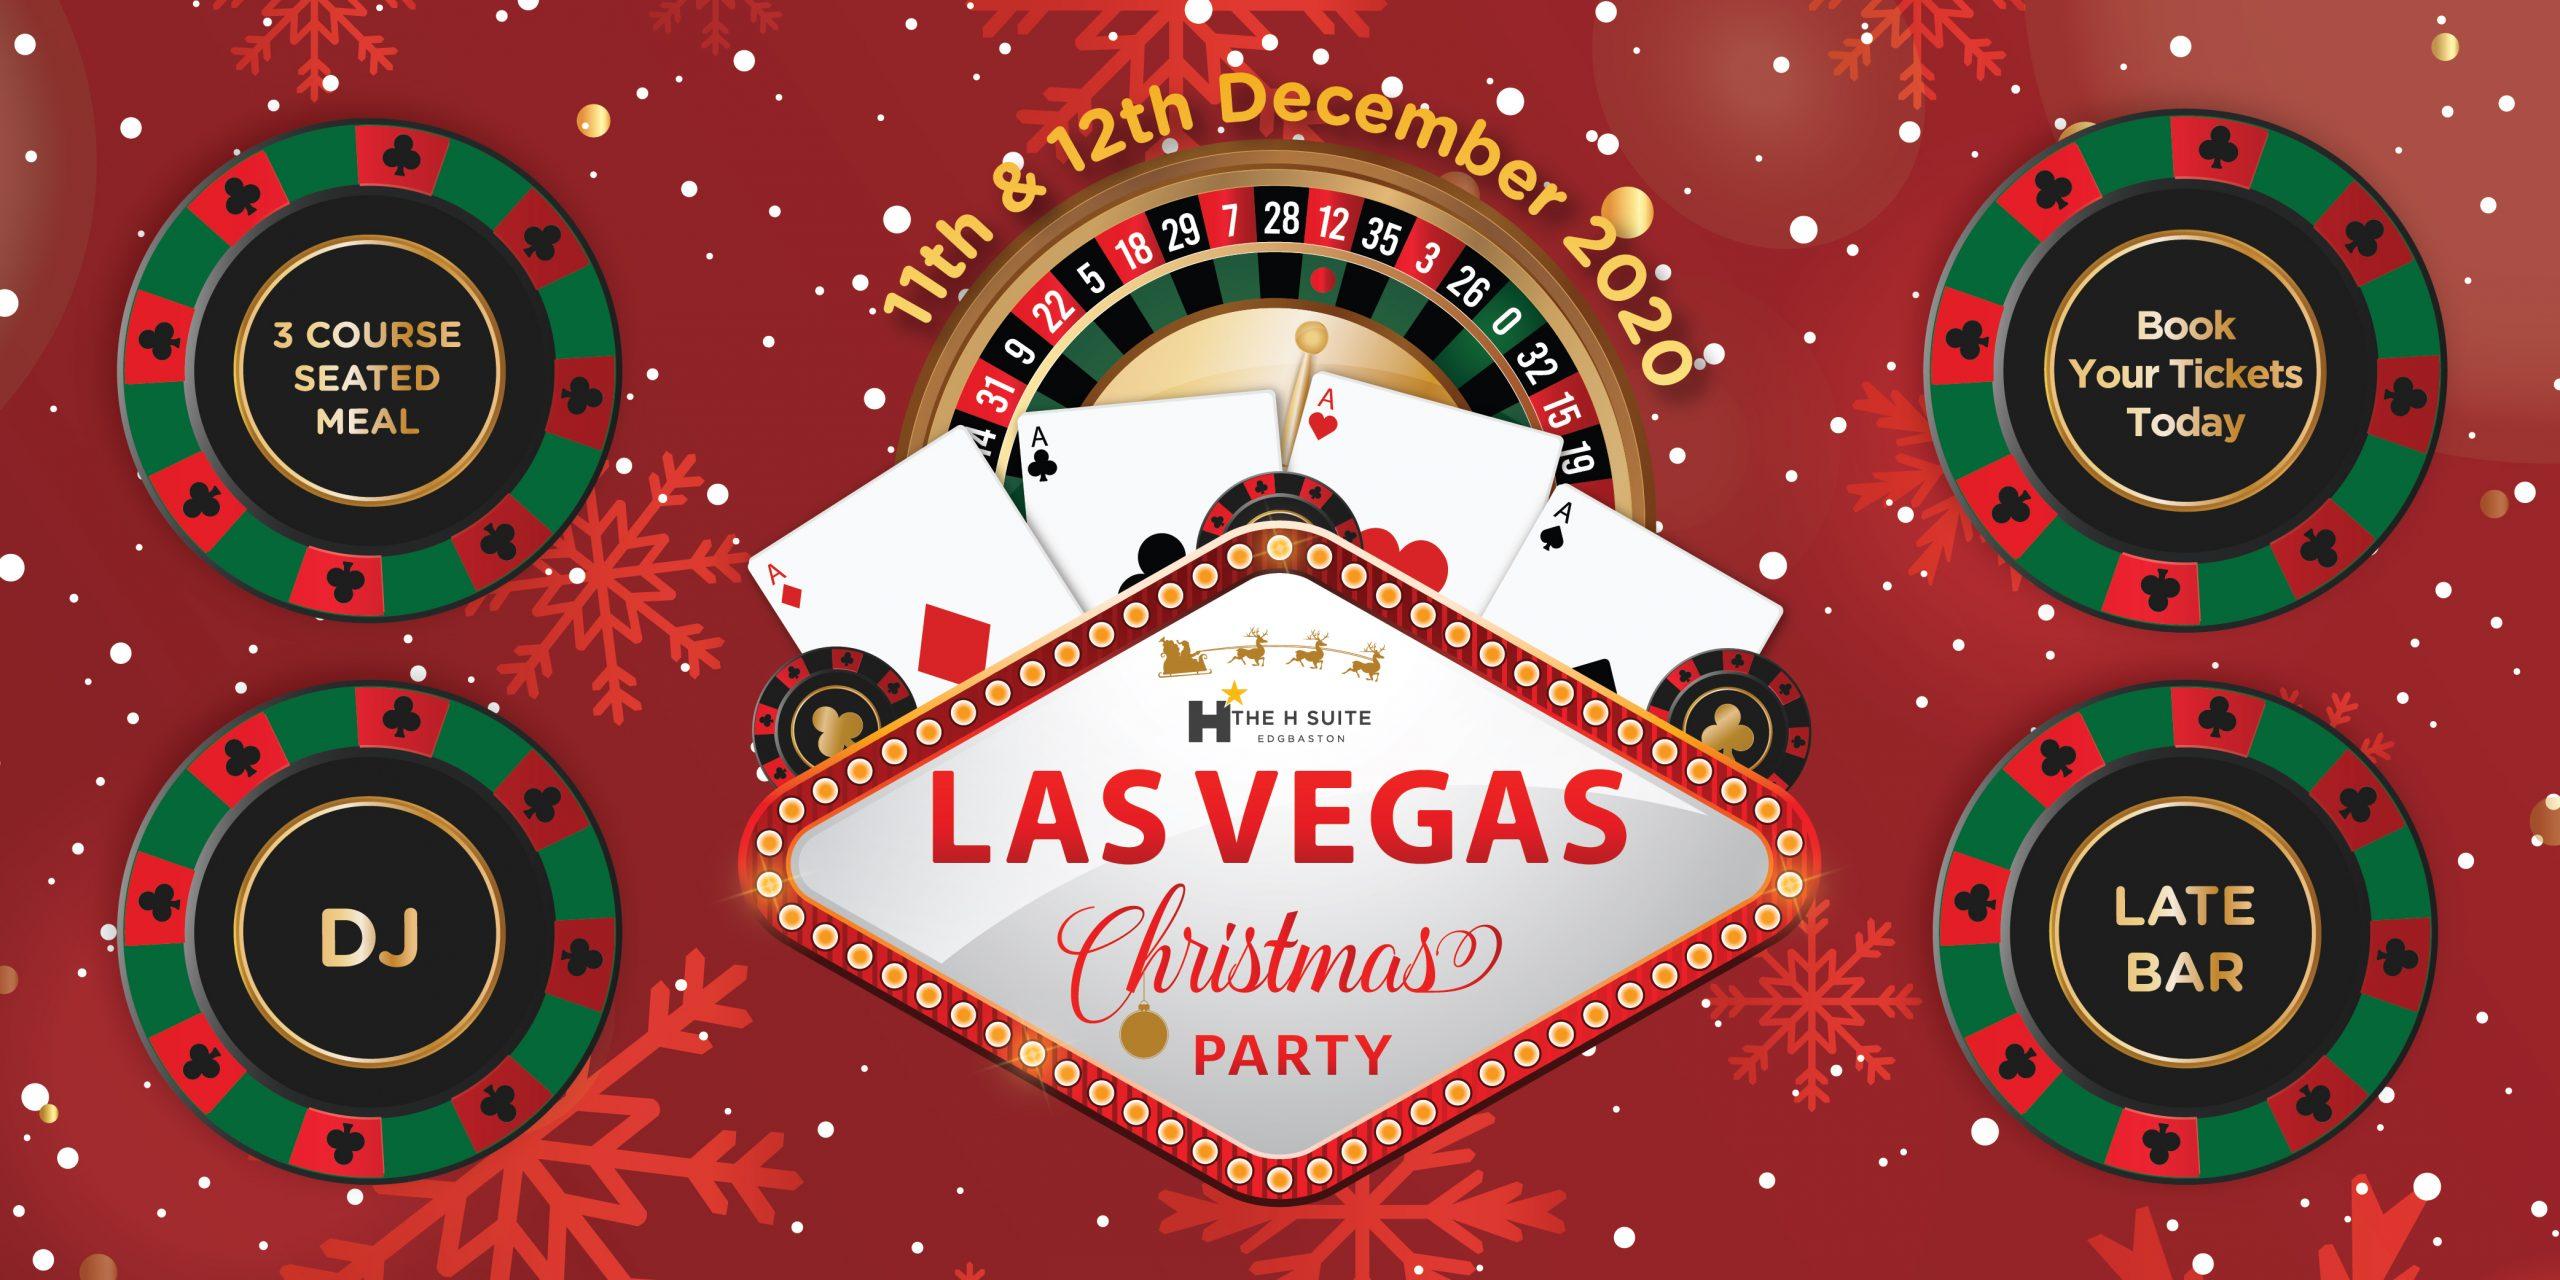 H Suite Las Vegas Christmas Party 2020